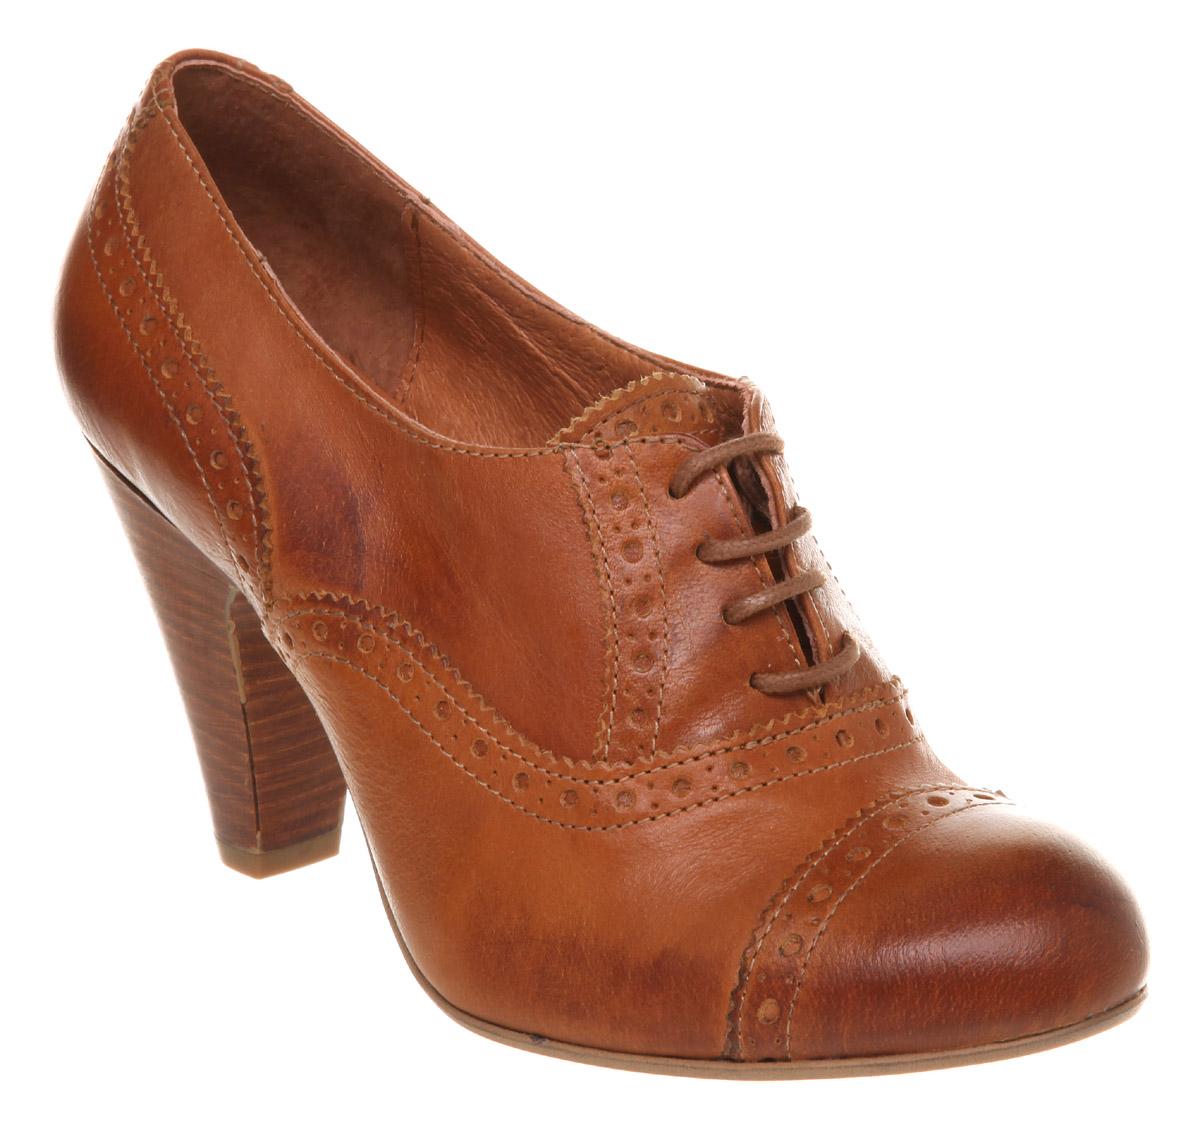 Ladies Tan Court Shoes